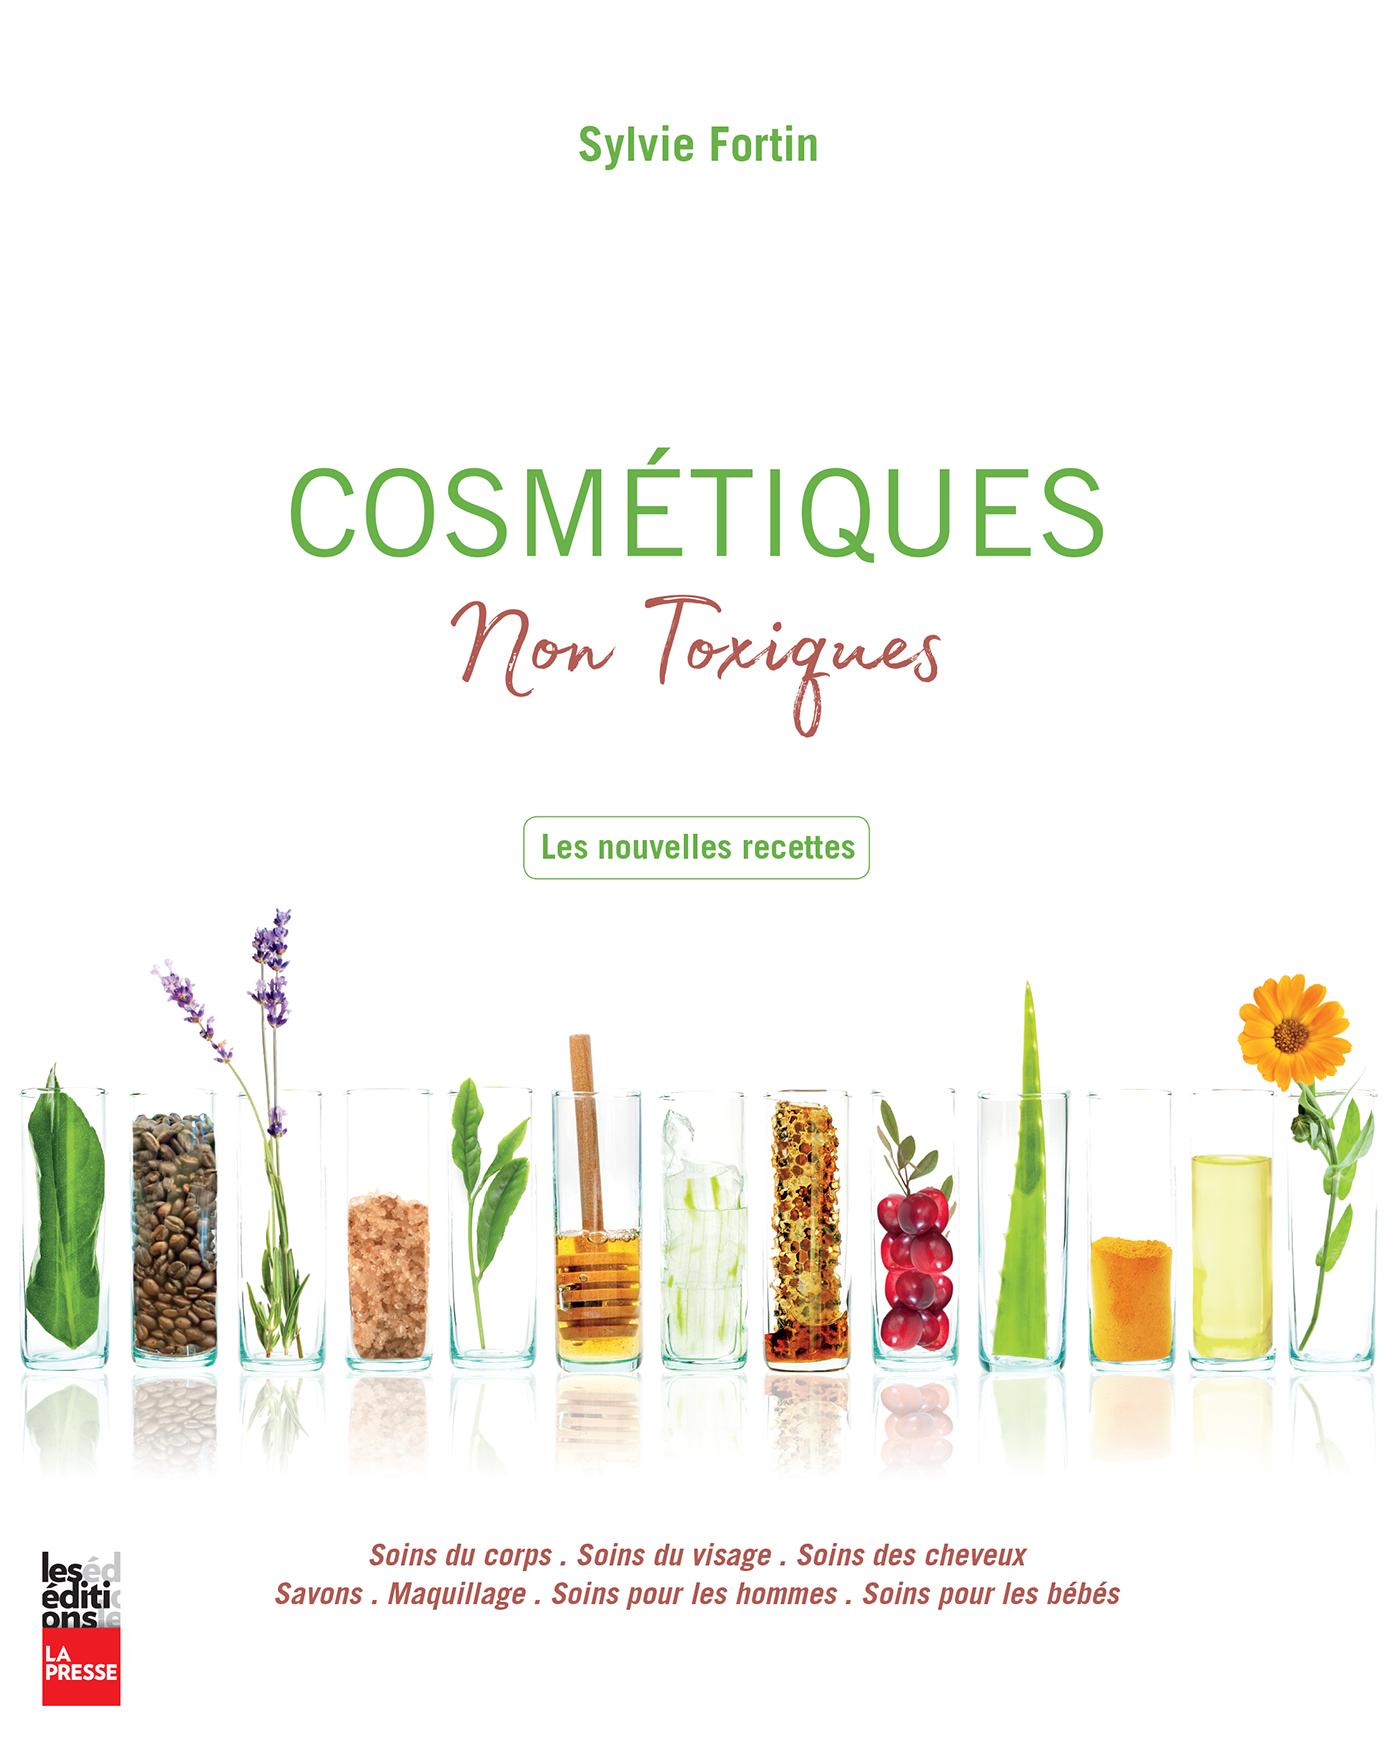 Cosmétiques non toxiques: Les nouvelles recettes